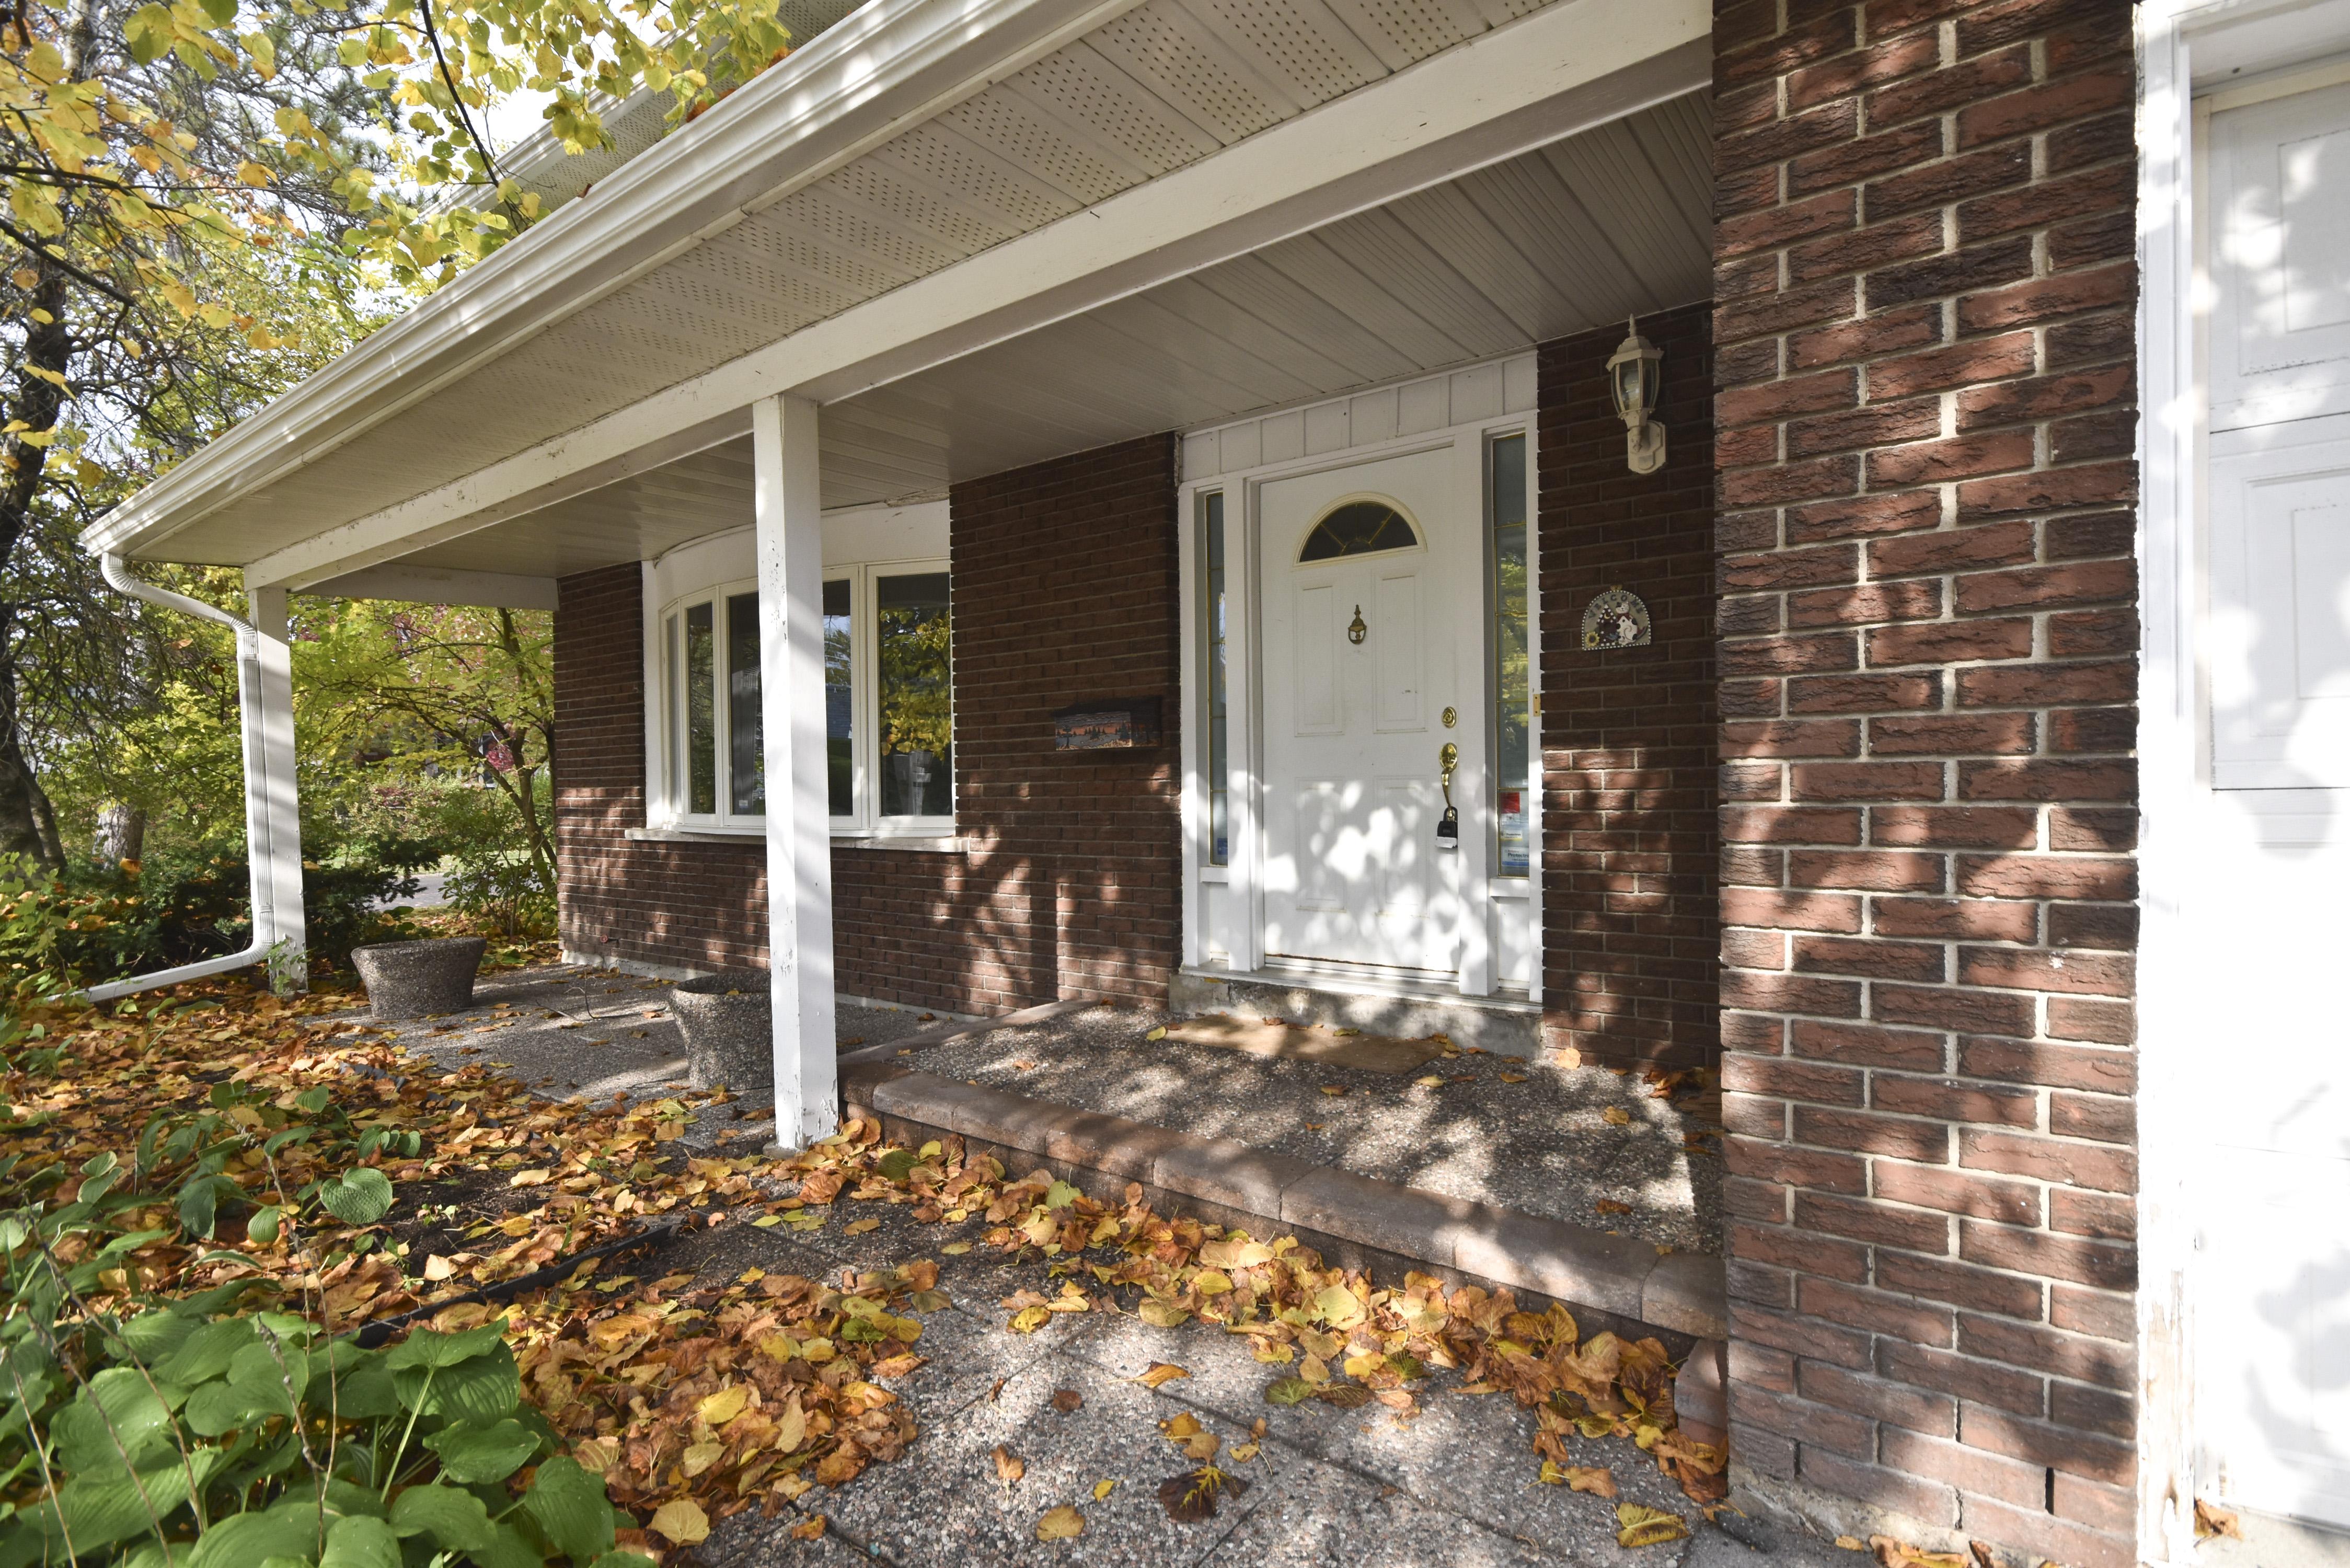 108 Eastpark Dr,  , Ottawa, Ontario  K1B 4C9 - Photo 2 - RP9439046259